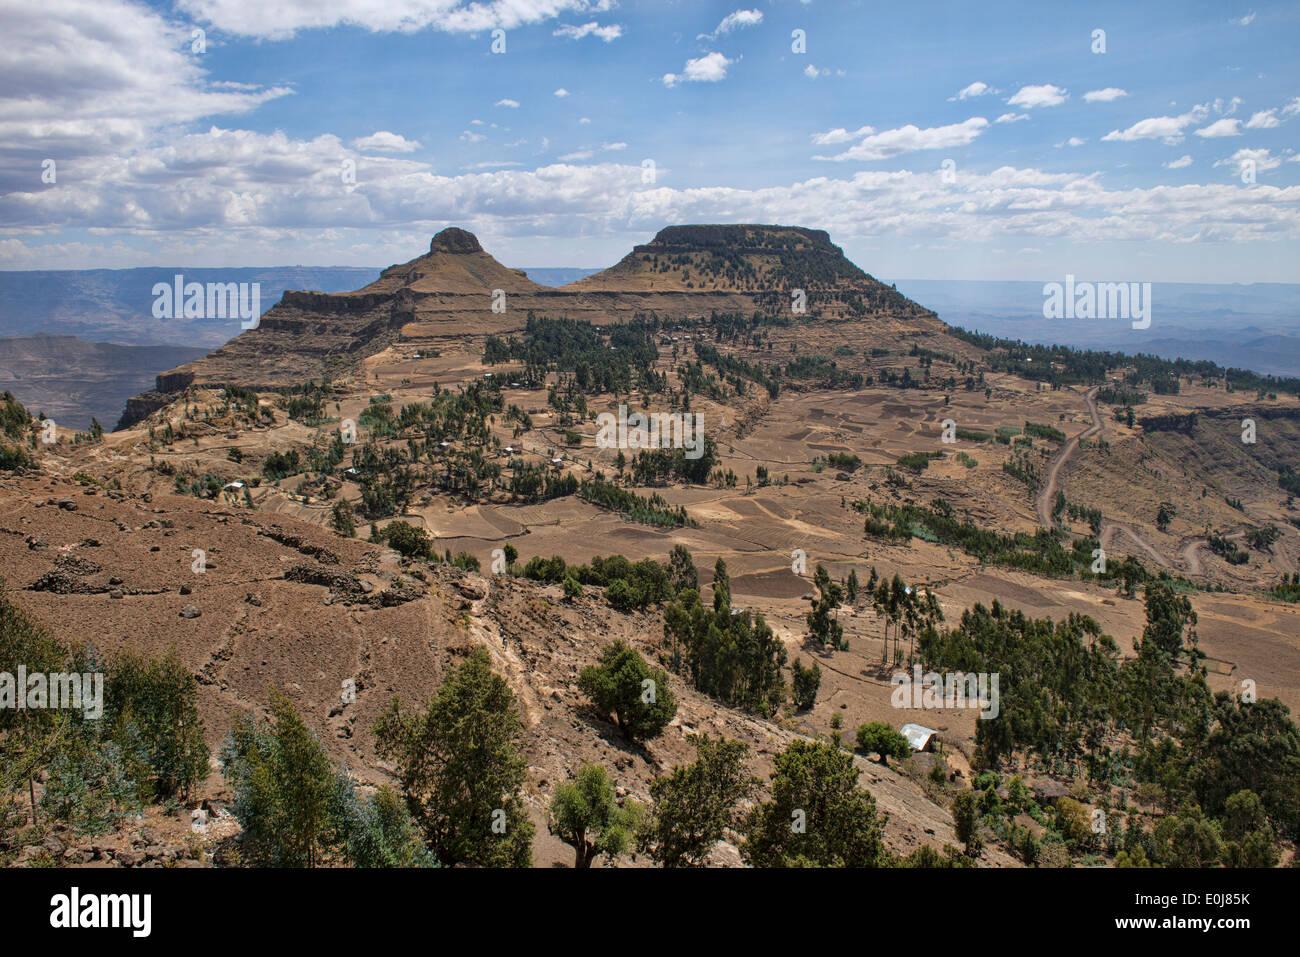 typical highland scenery near Lalibela, Ethiopia - Stock Image